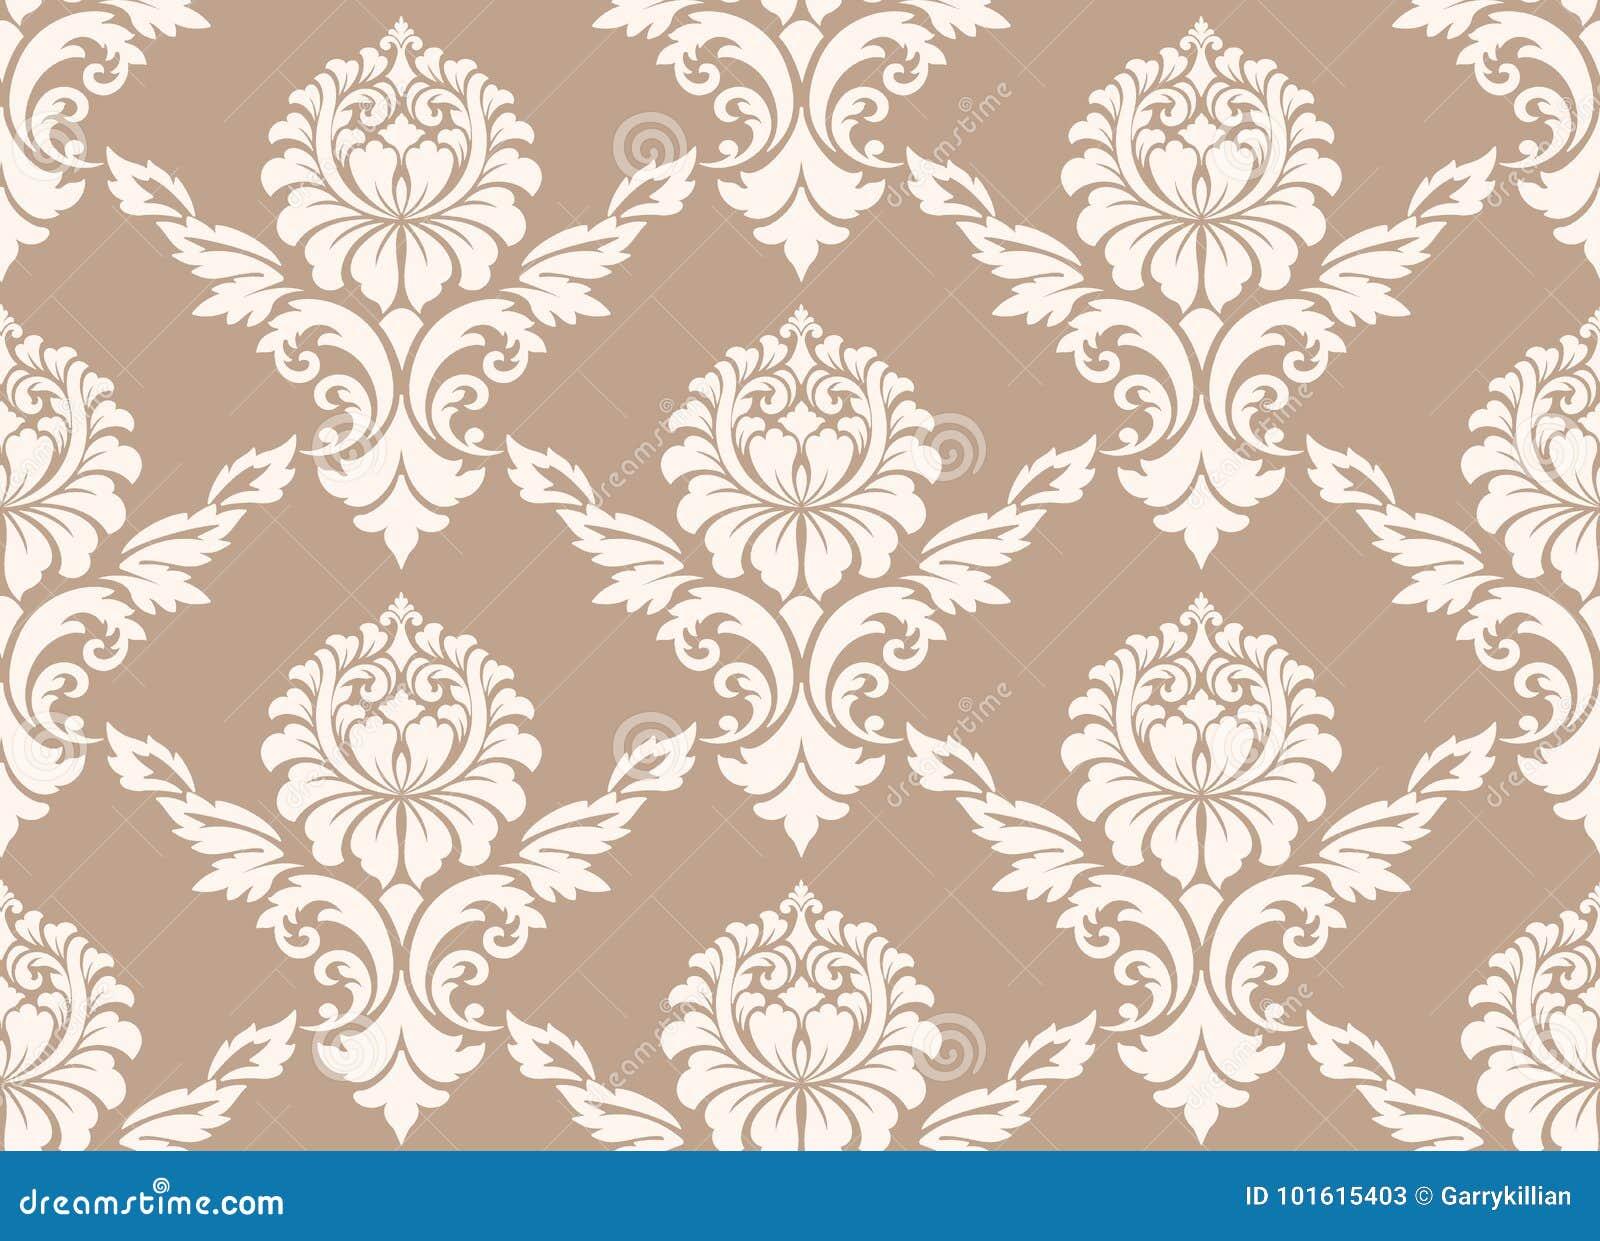 Damastast seamless modellbakgrund för vektor Klassisk lyxig gammalmodig damast prydnad, sömlös kunglig victorian